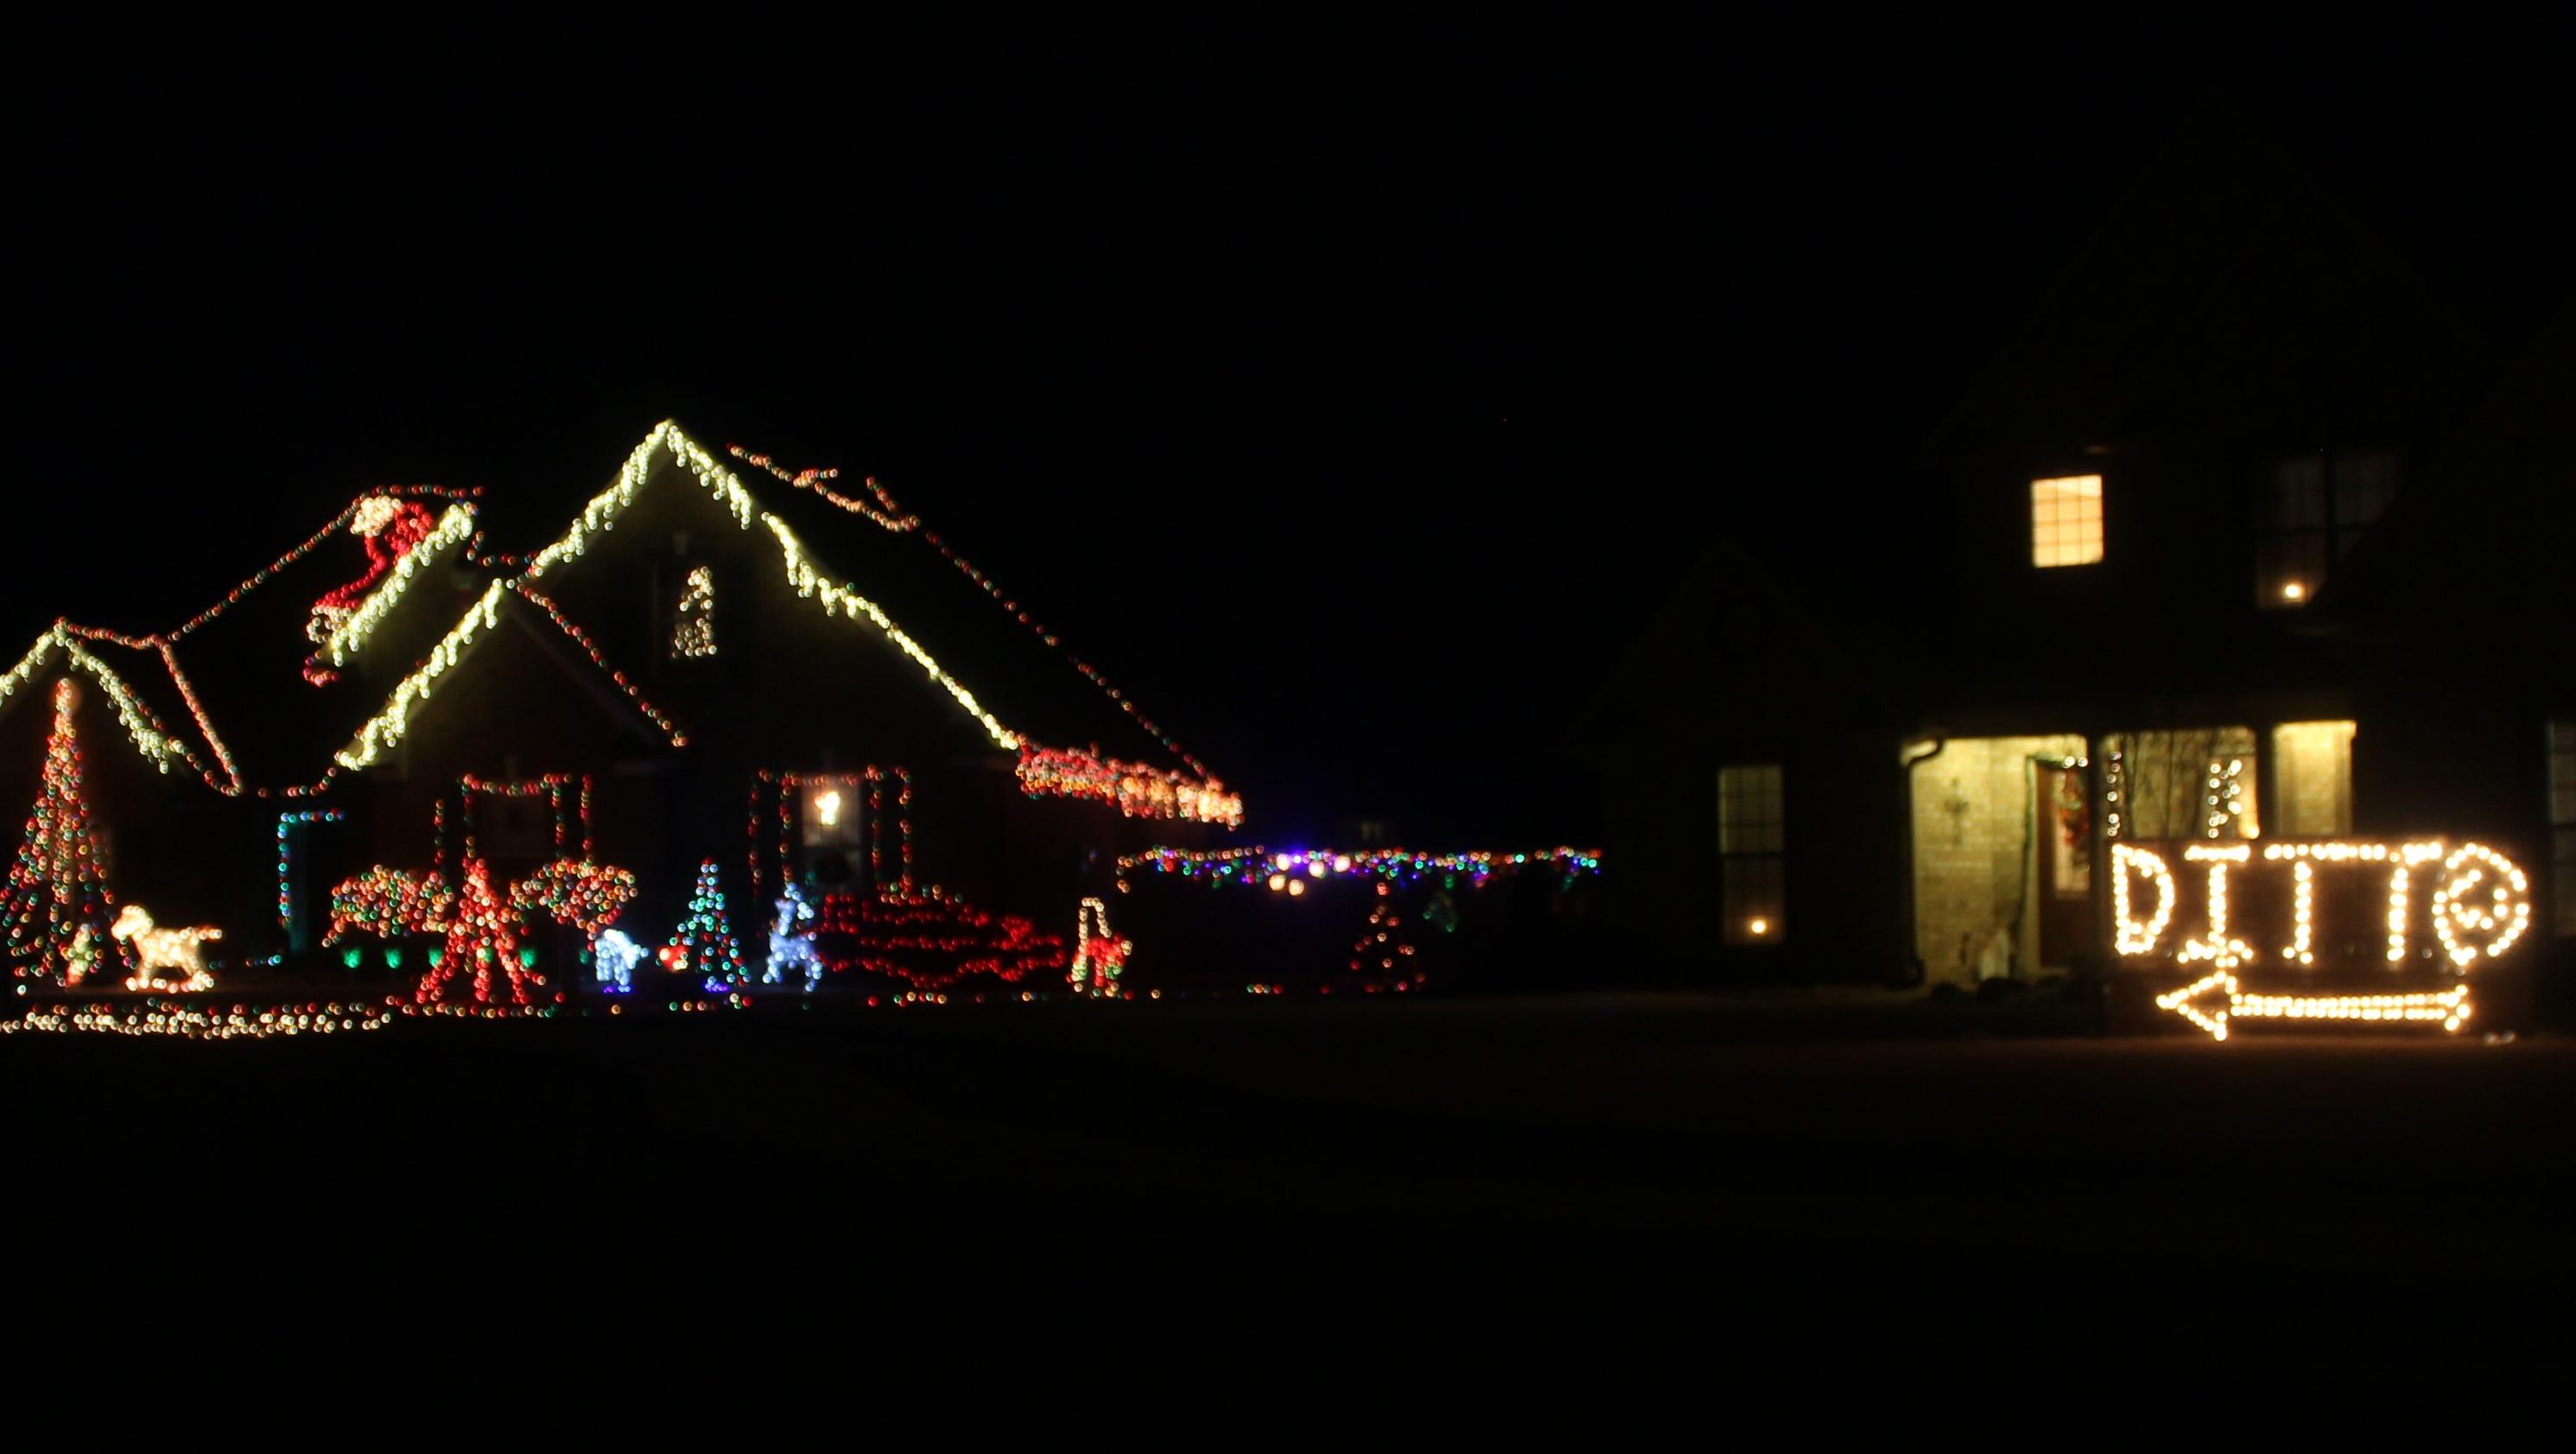 image httpwwwgannett cdncom mm e7676e3380be95d817dc2194134474d2c7a8f534c761 0 4057 1860rx1683c3200x1680local mediausatodaytest20131223 - Mm Christmas Lights